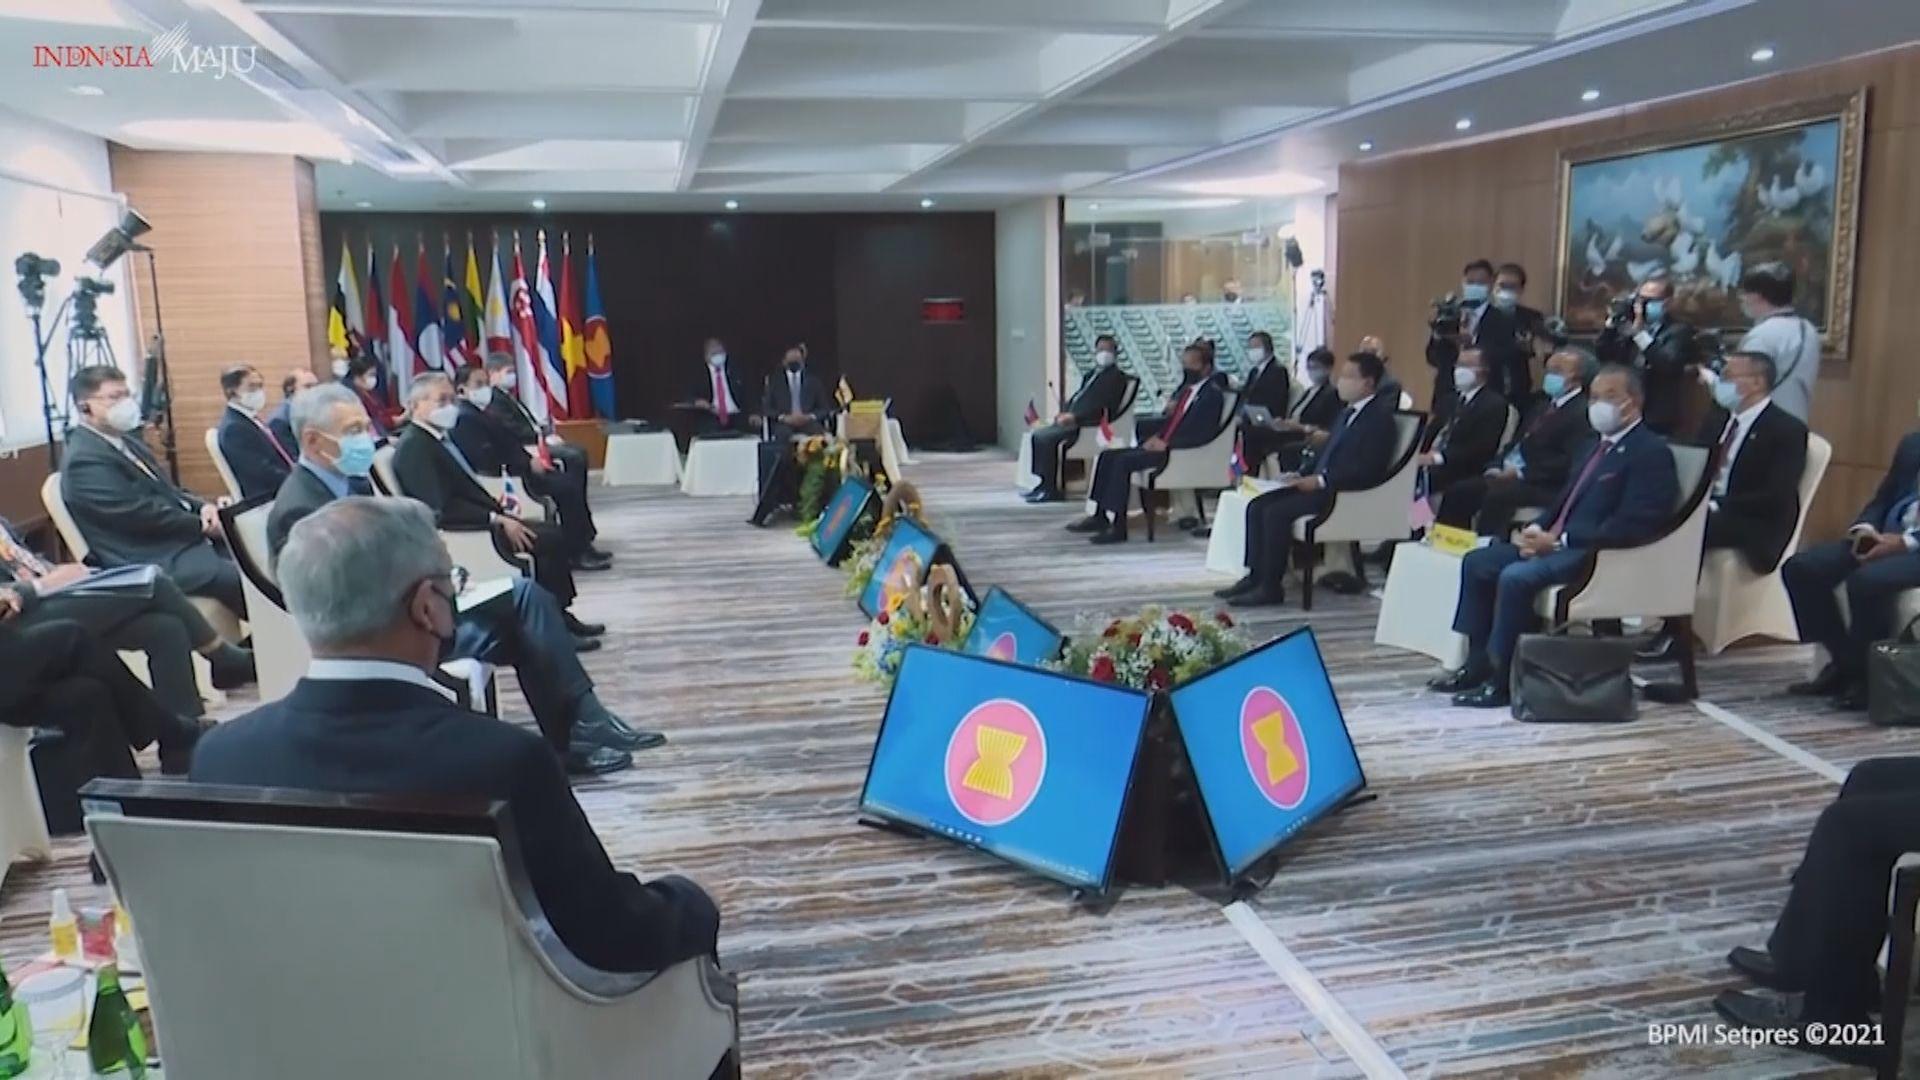 東盟特別峰會 據報緬甸同意東盟參與調停